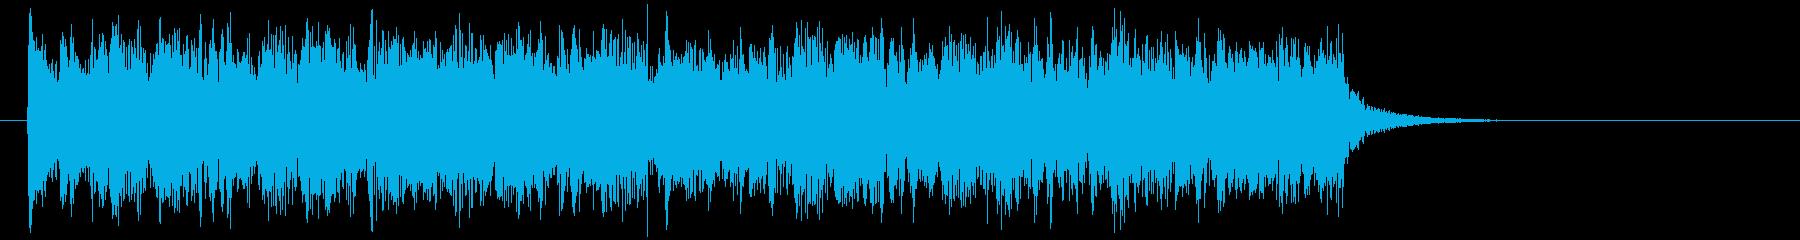 緩やかでメロディアスなシンセジングルの再生済みの波形